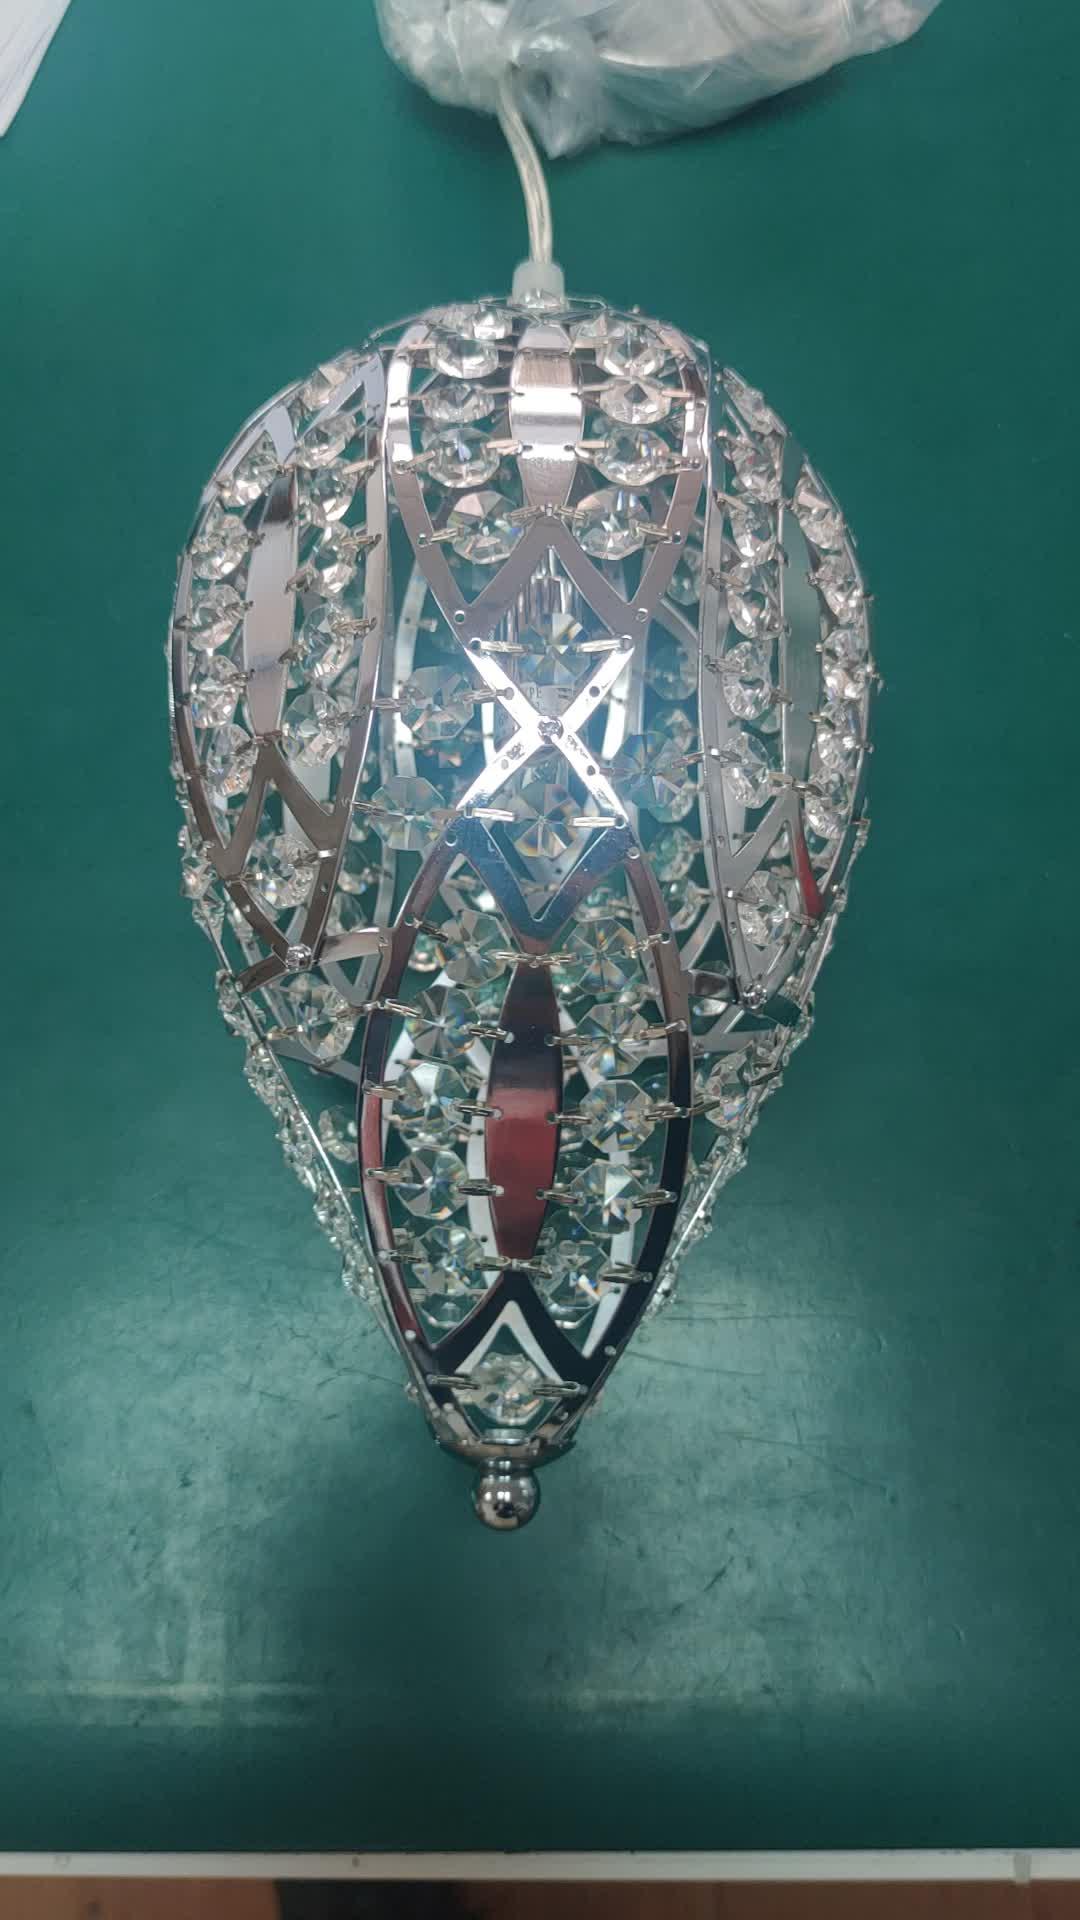 Europese Type Bruiloft Decor Moderne Kroonluchter Water Drop Kristal Hanger Lamp Met Stalen Koord Zilveren Frame